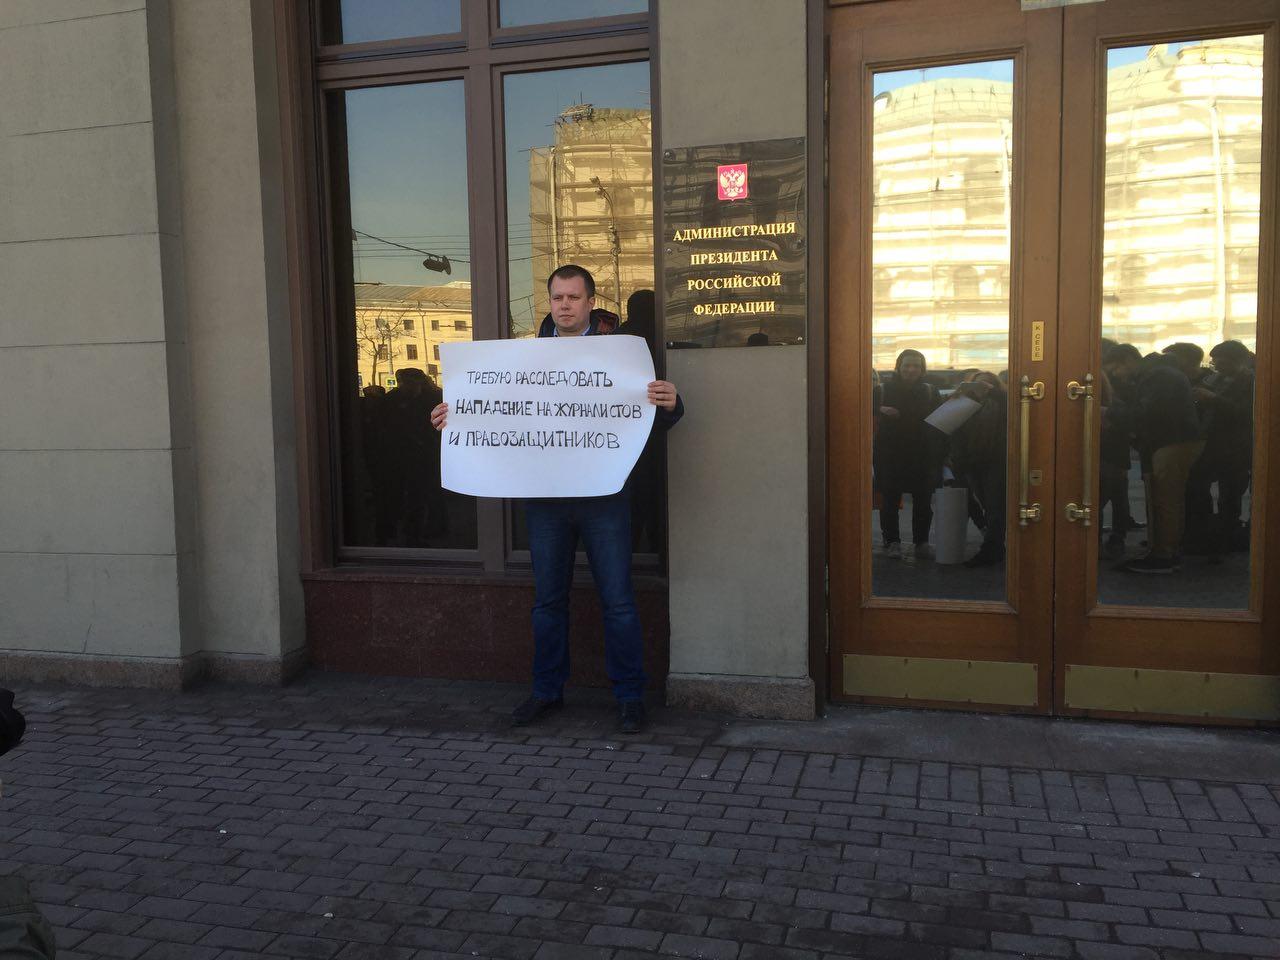 Николай Ляскин, Партия прогресса.